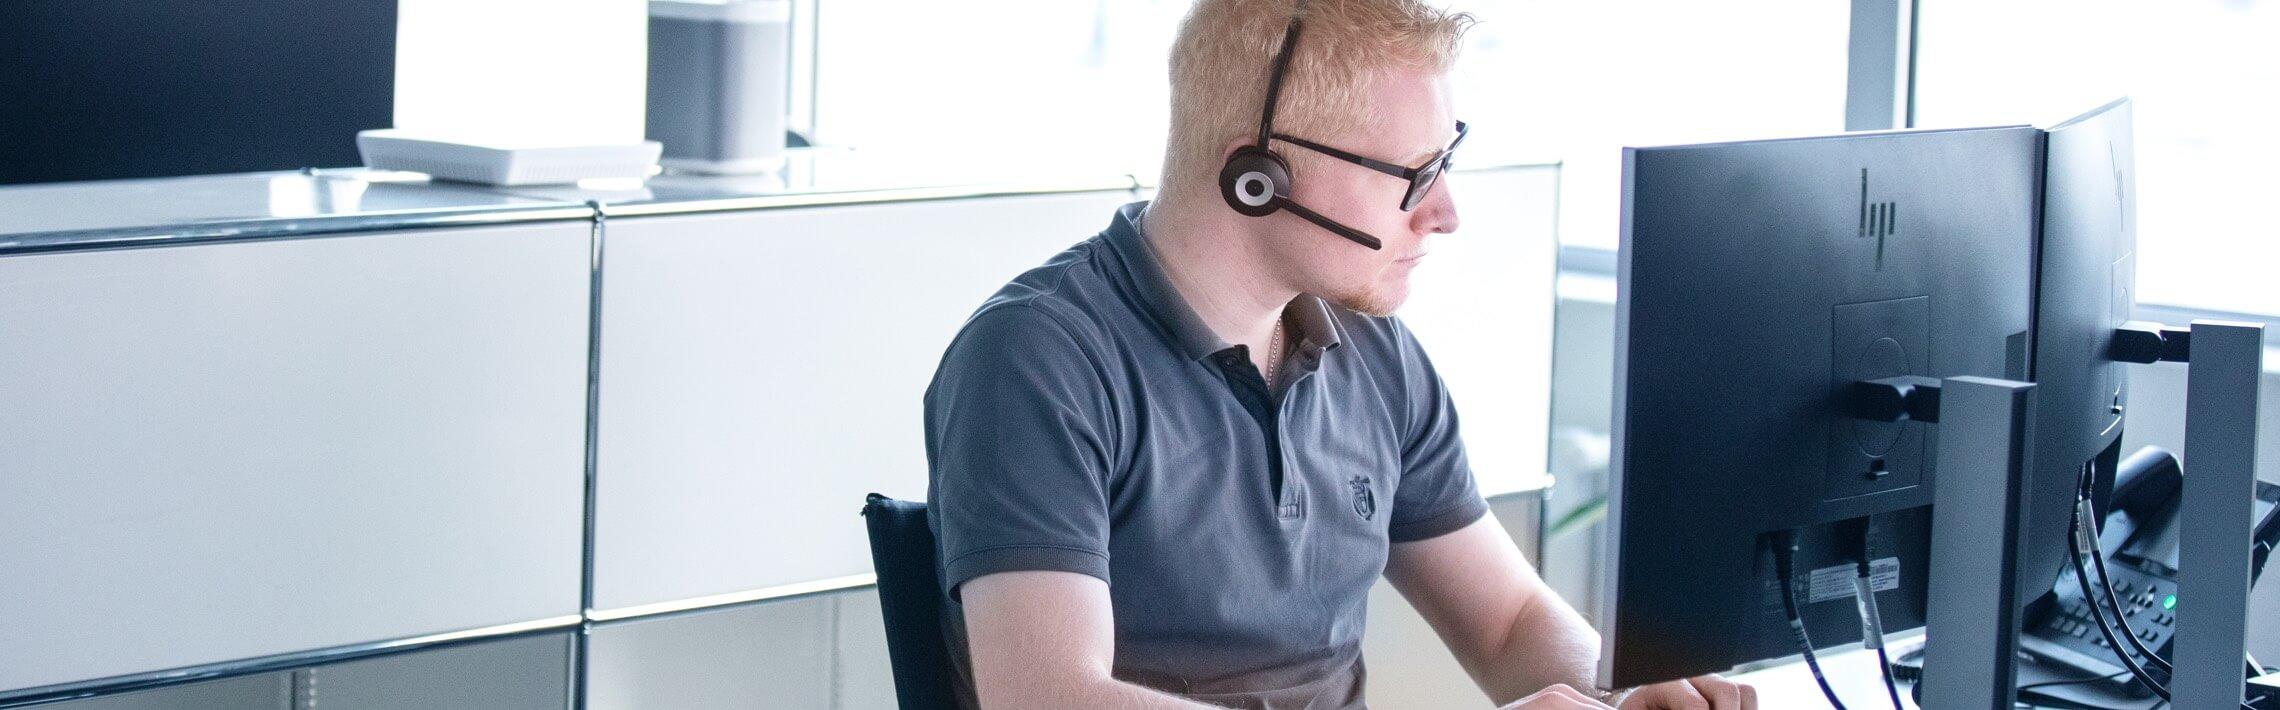 Hotline & Support von Beltronic für den Betrieb Ihrer IT, flexibel, schnell, einfach